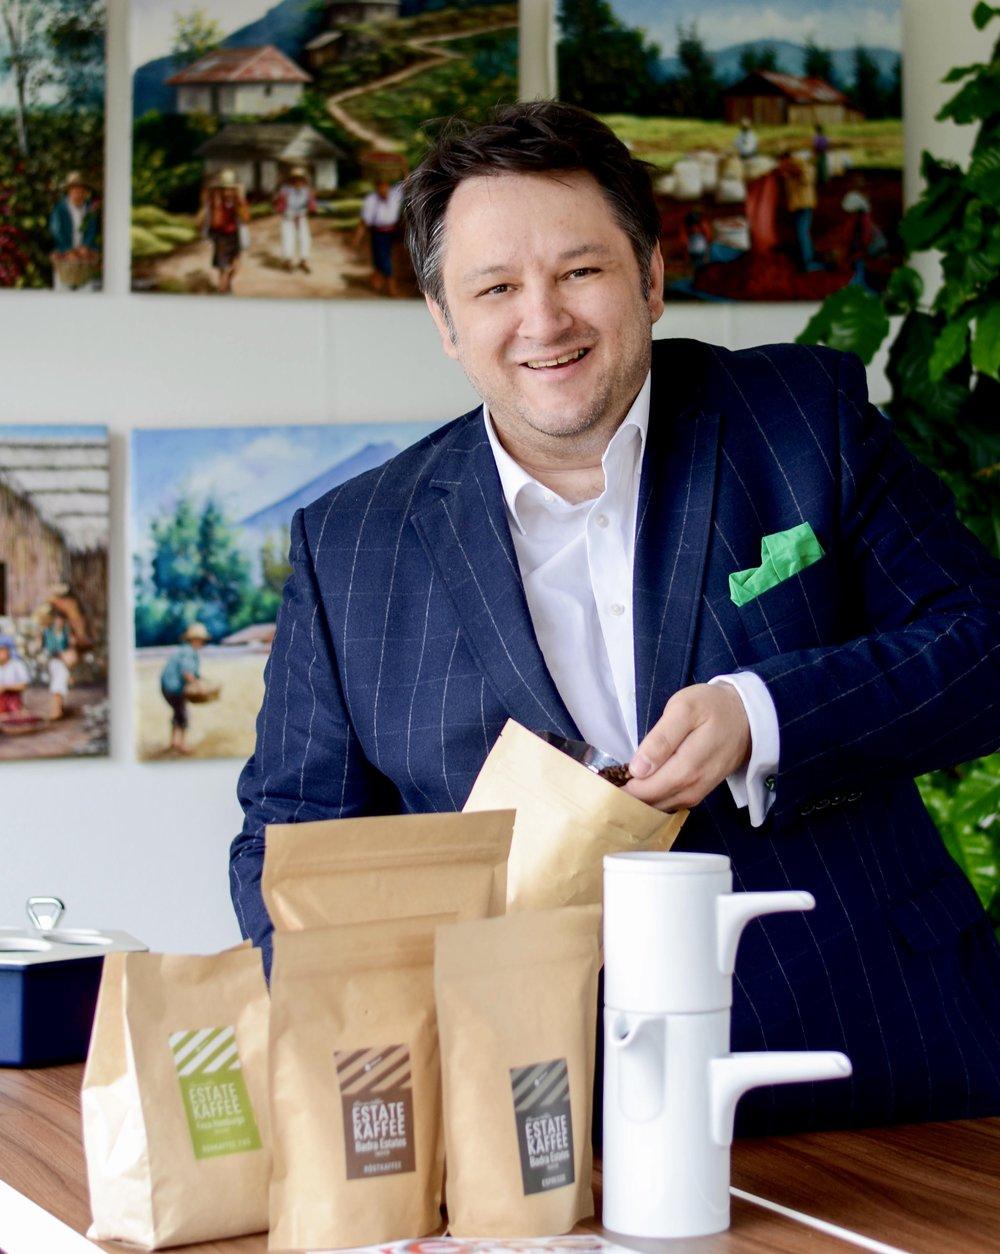 Coffeologe und Leiter Unternehmenskommunikation Ingo H. Klett. Foto: Marina Brockhoff für die © WEBER Packaging GmbH, 2016